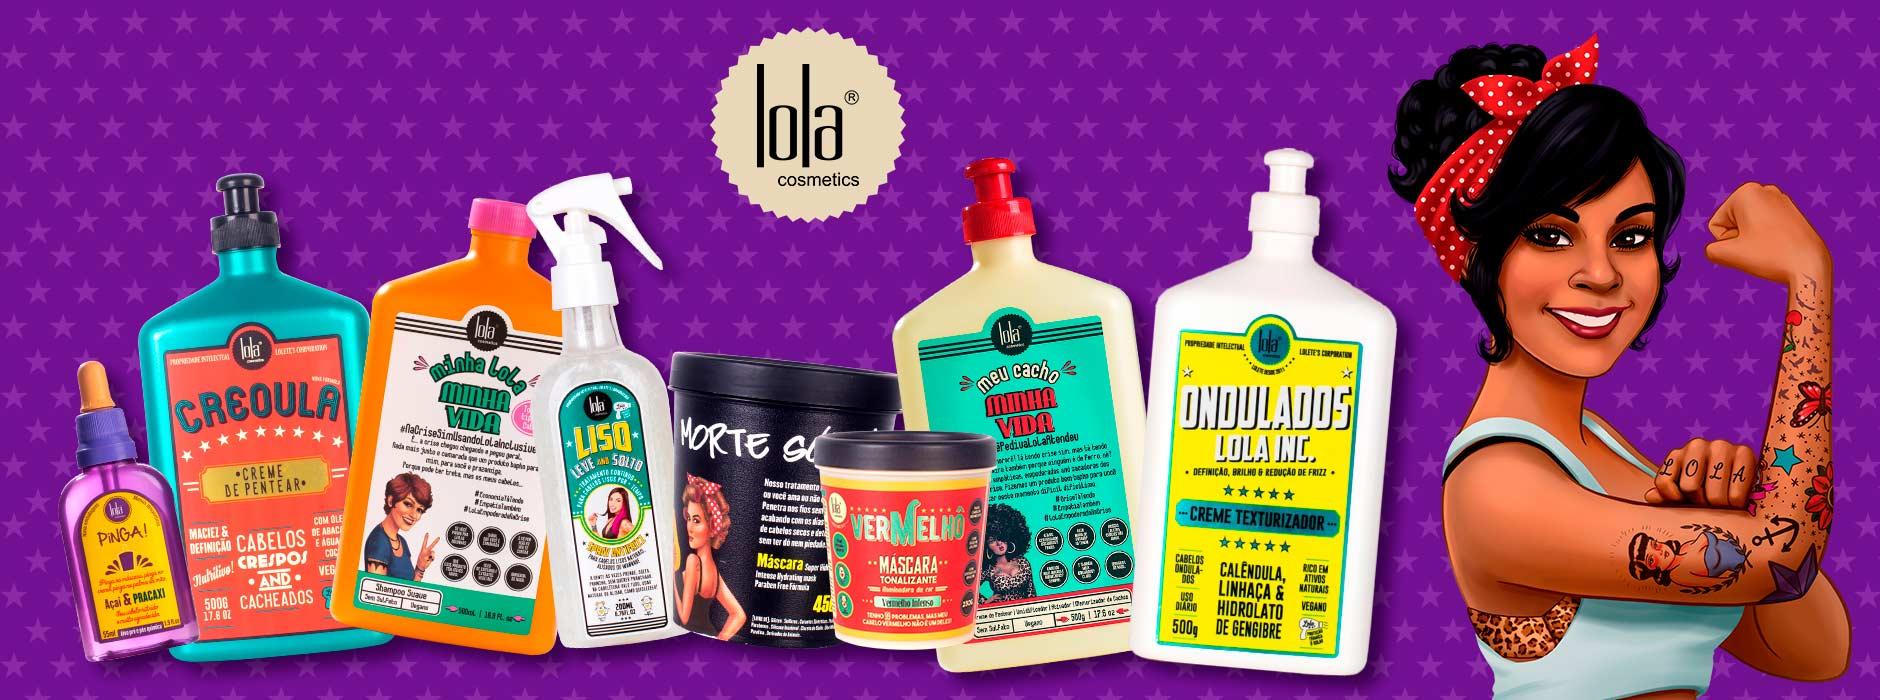 Tonalizante Lola Cosmetics